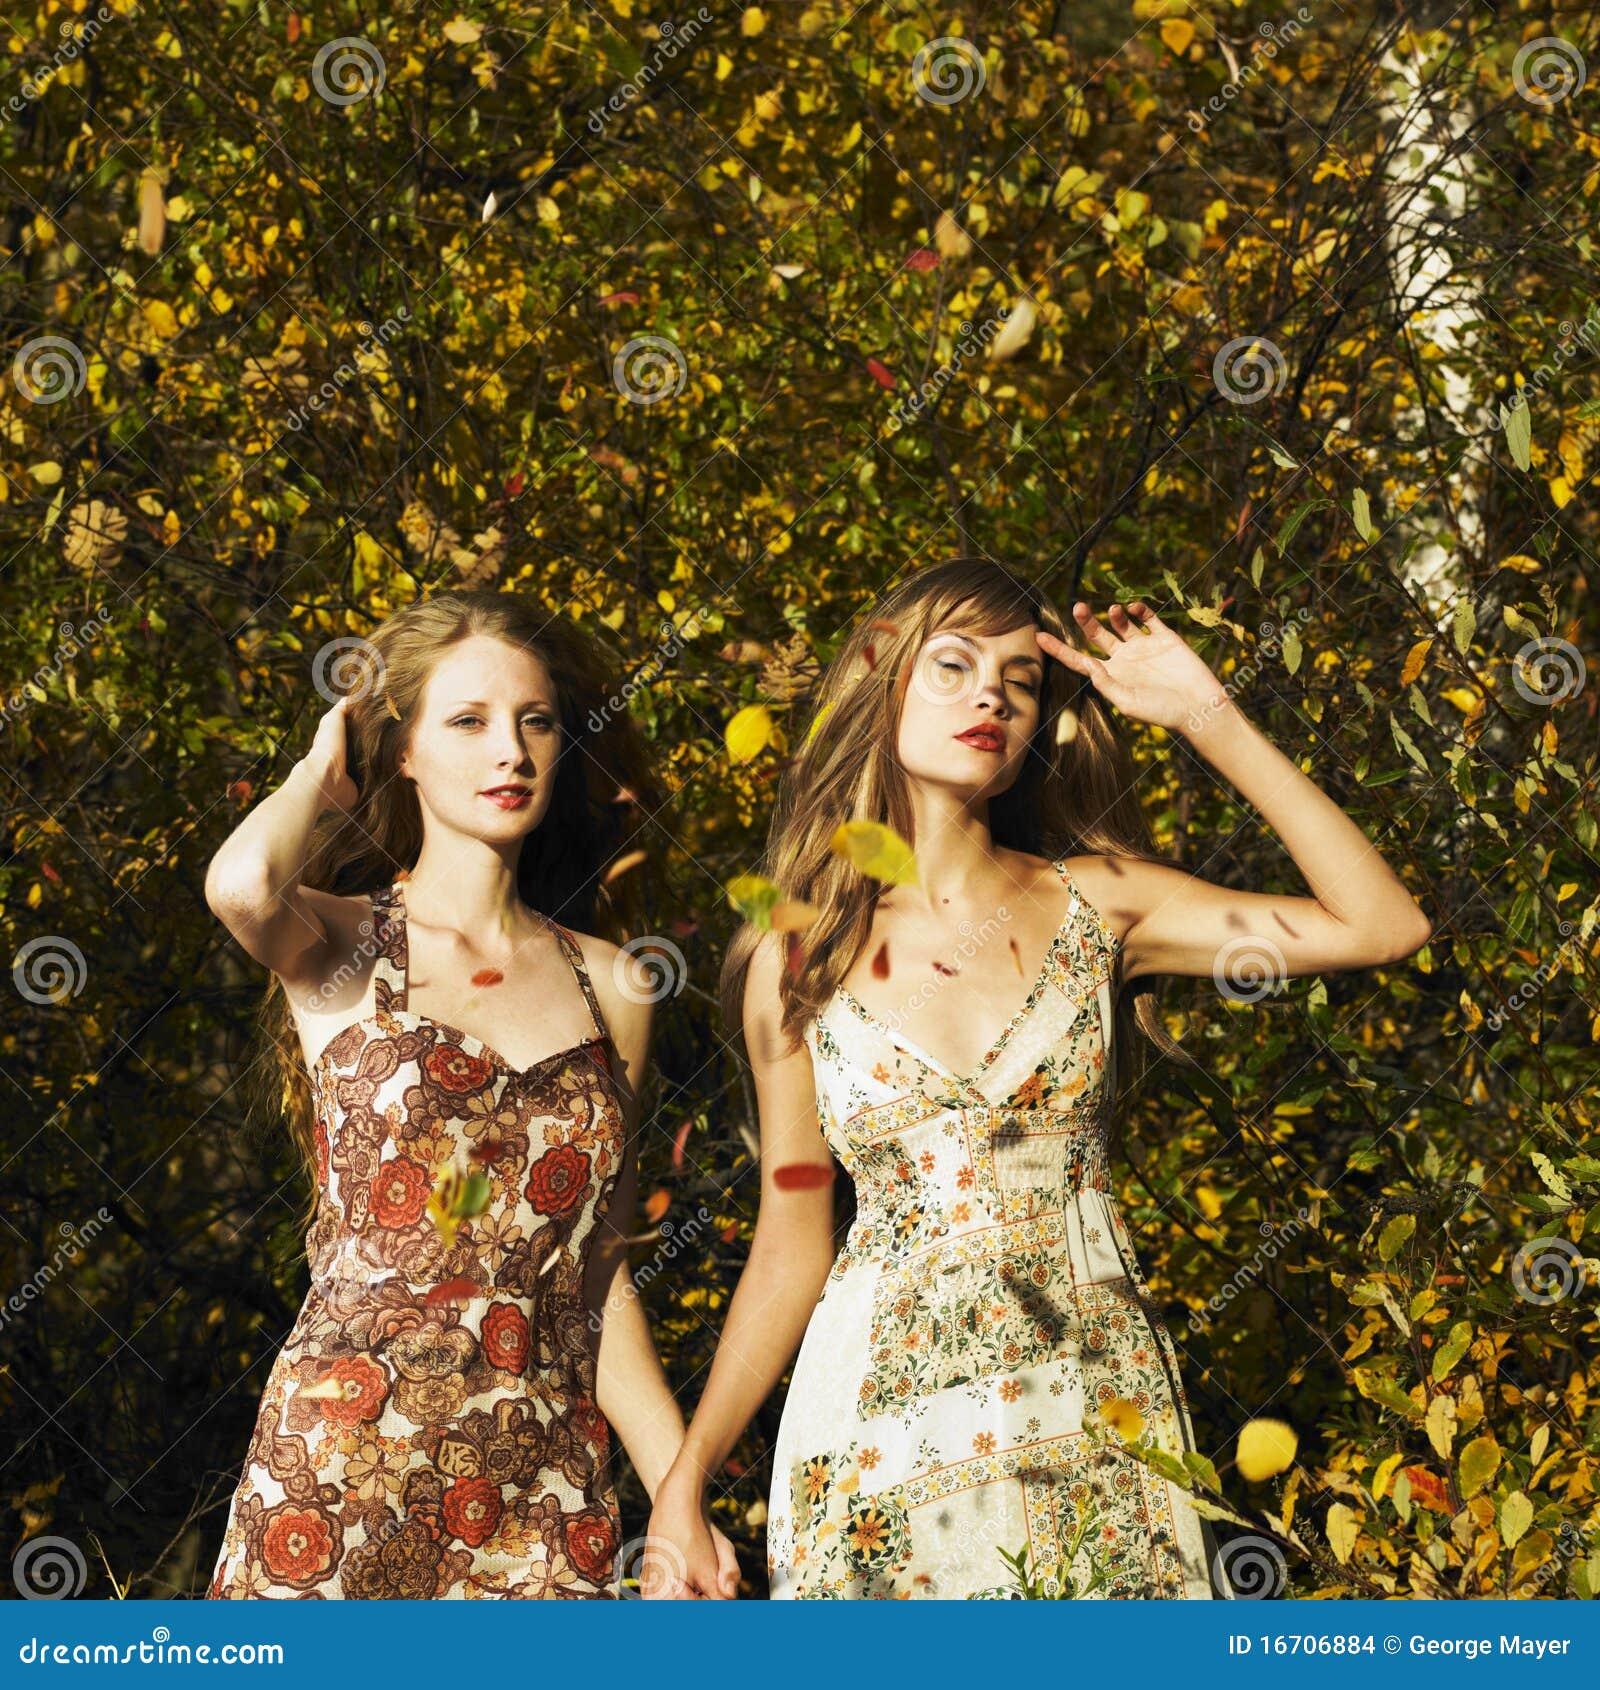 Фотосессия двух девушек фото 11 фотография